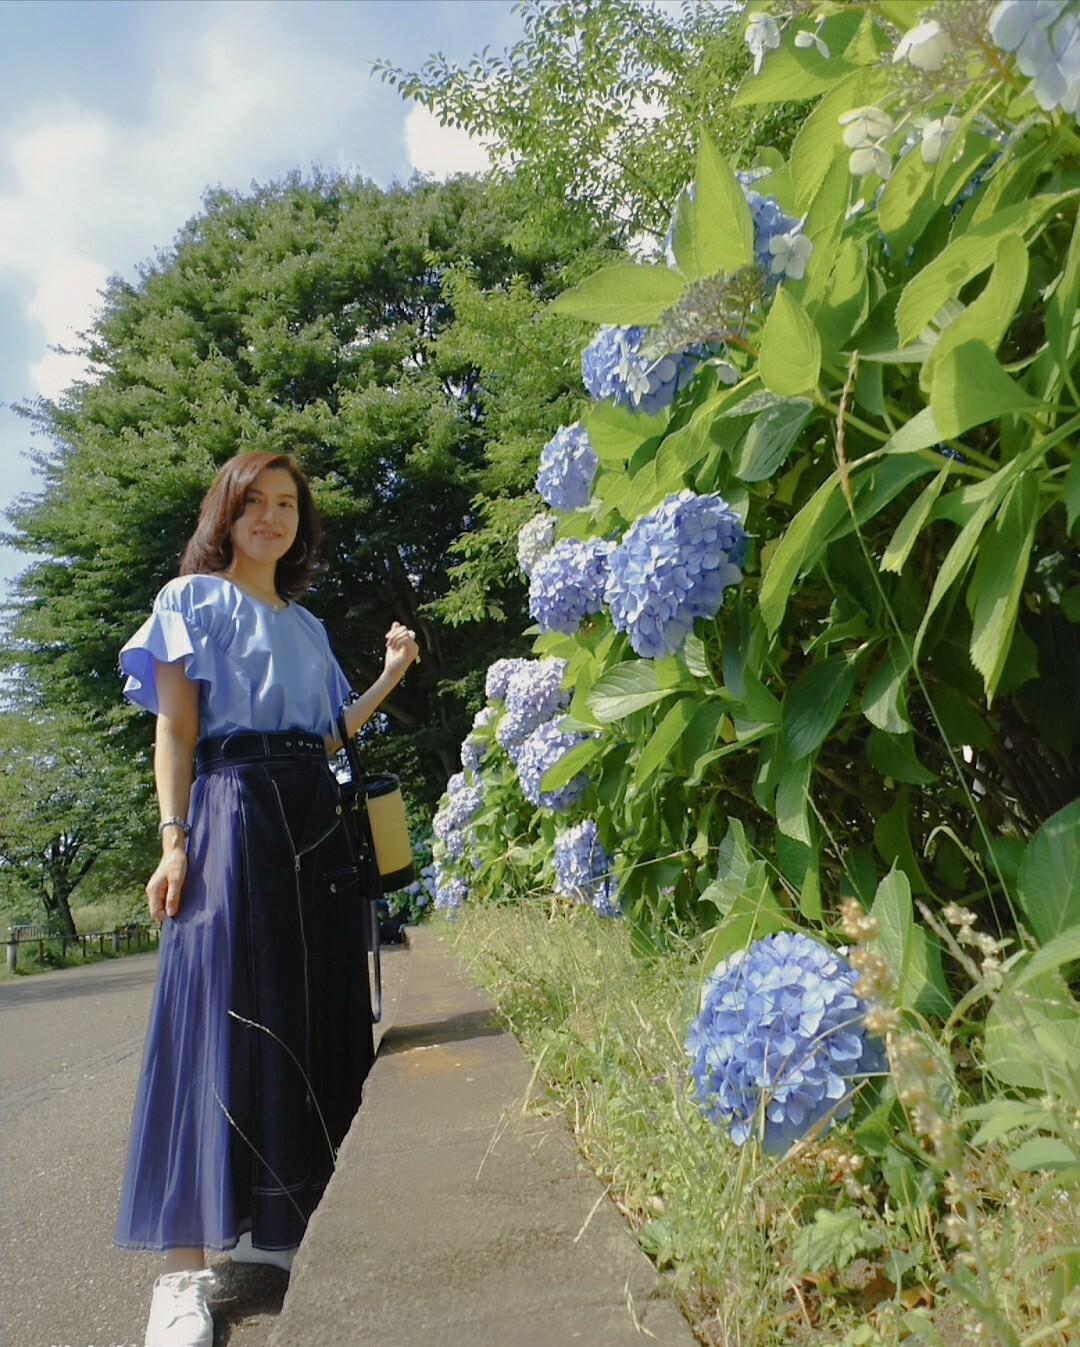 お洋服とピッタリの色味 紫陽花がキレイに咲いていて思わず並んで写真を